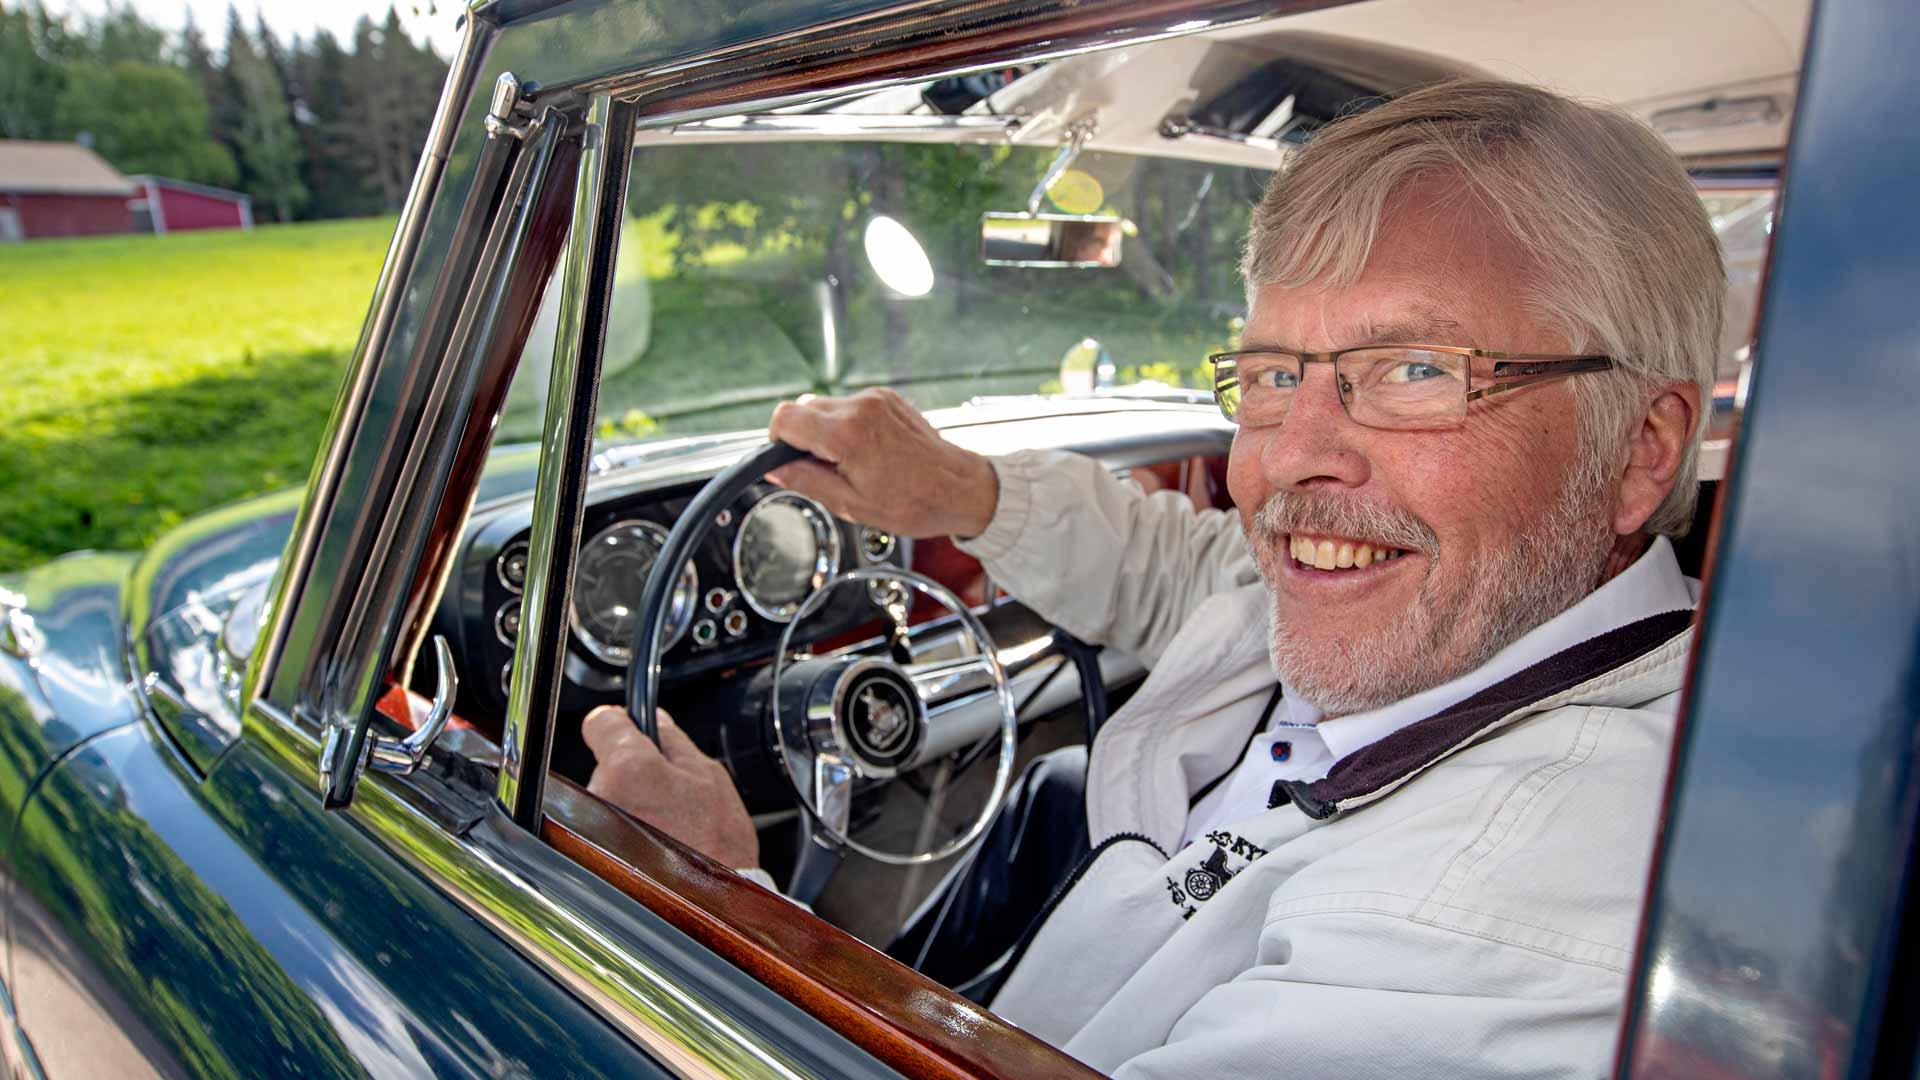 Neljä vuosikymmentä museoautoja harrastaneelle Paavo Hortolle vanhalla Roverilla ajaminen on nautinto.